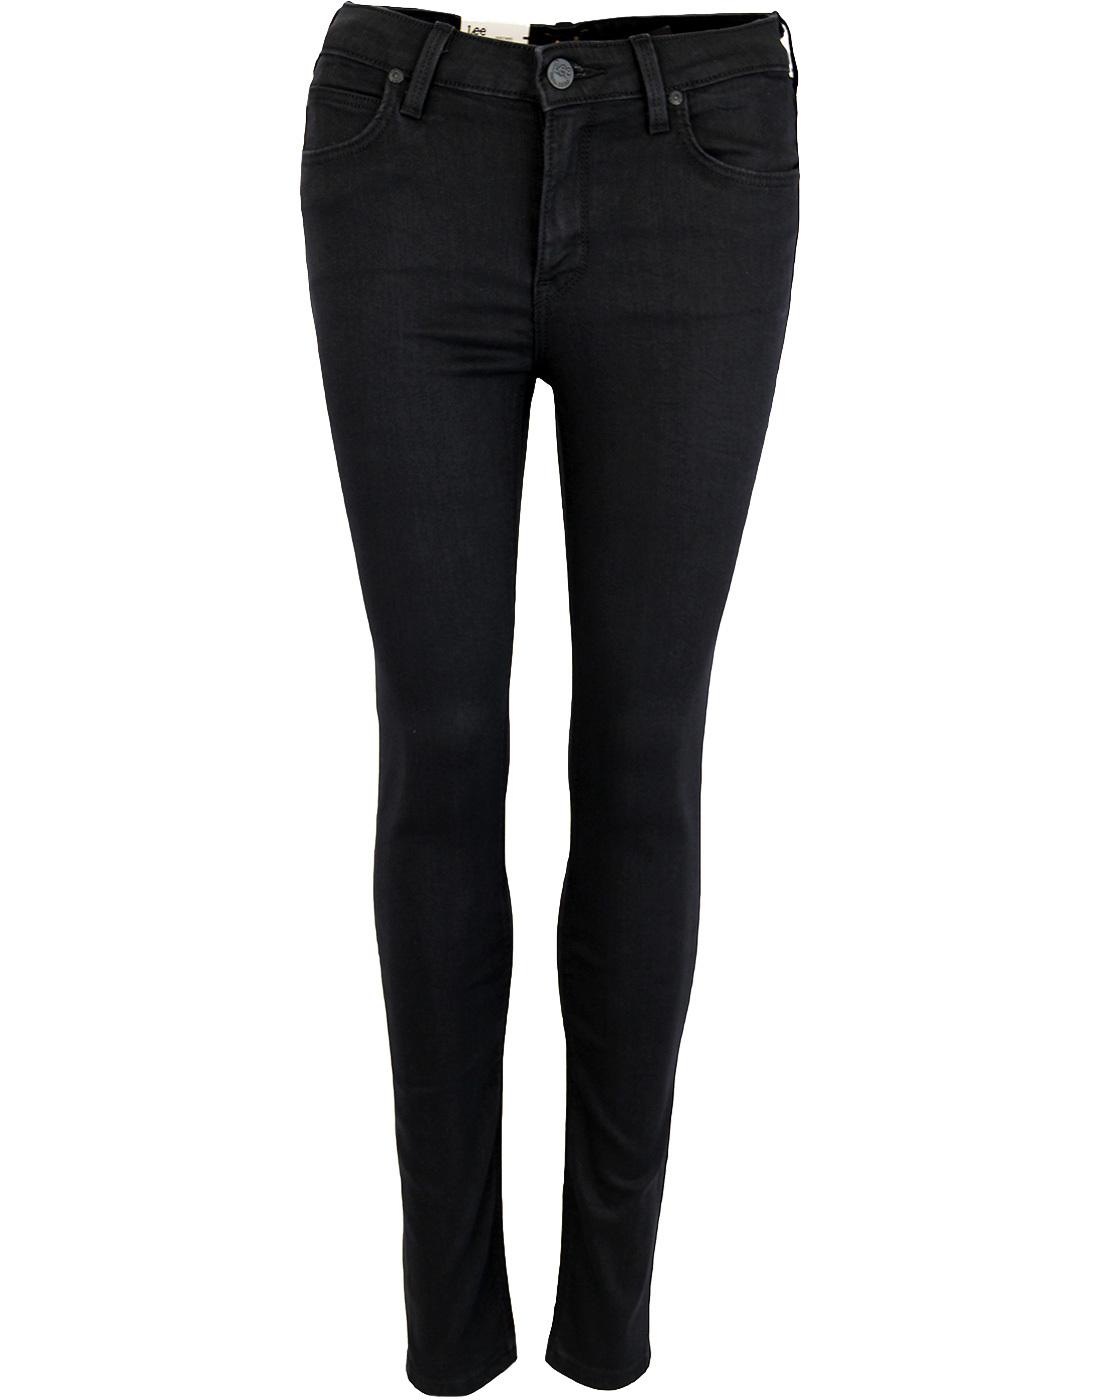 Jodee LEE Super Skinny Black Rinse Denim Jeans